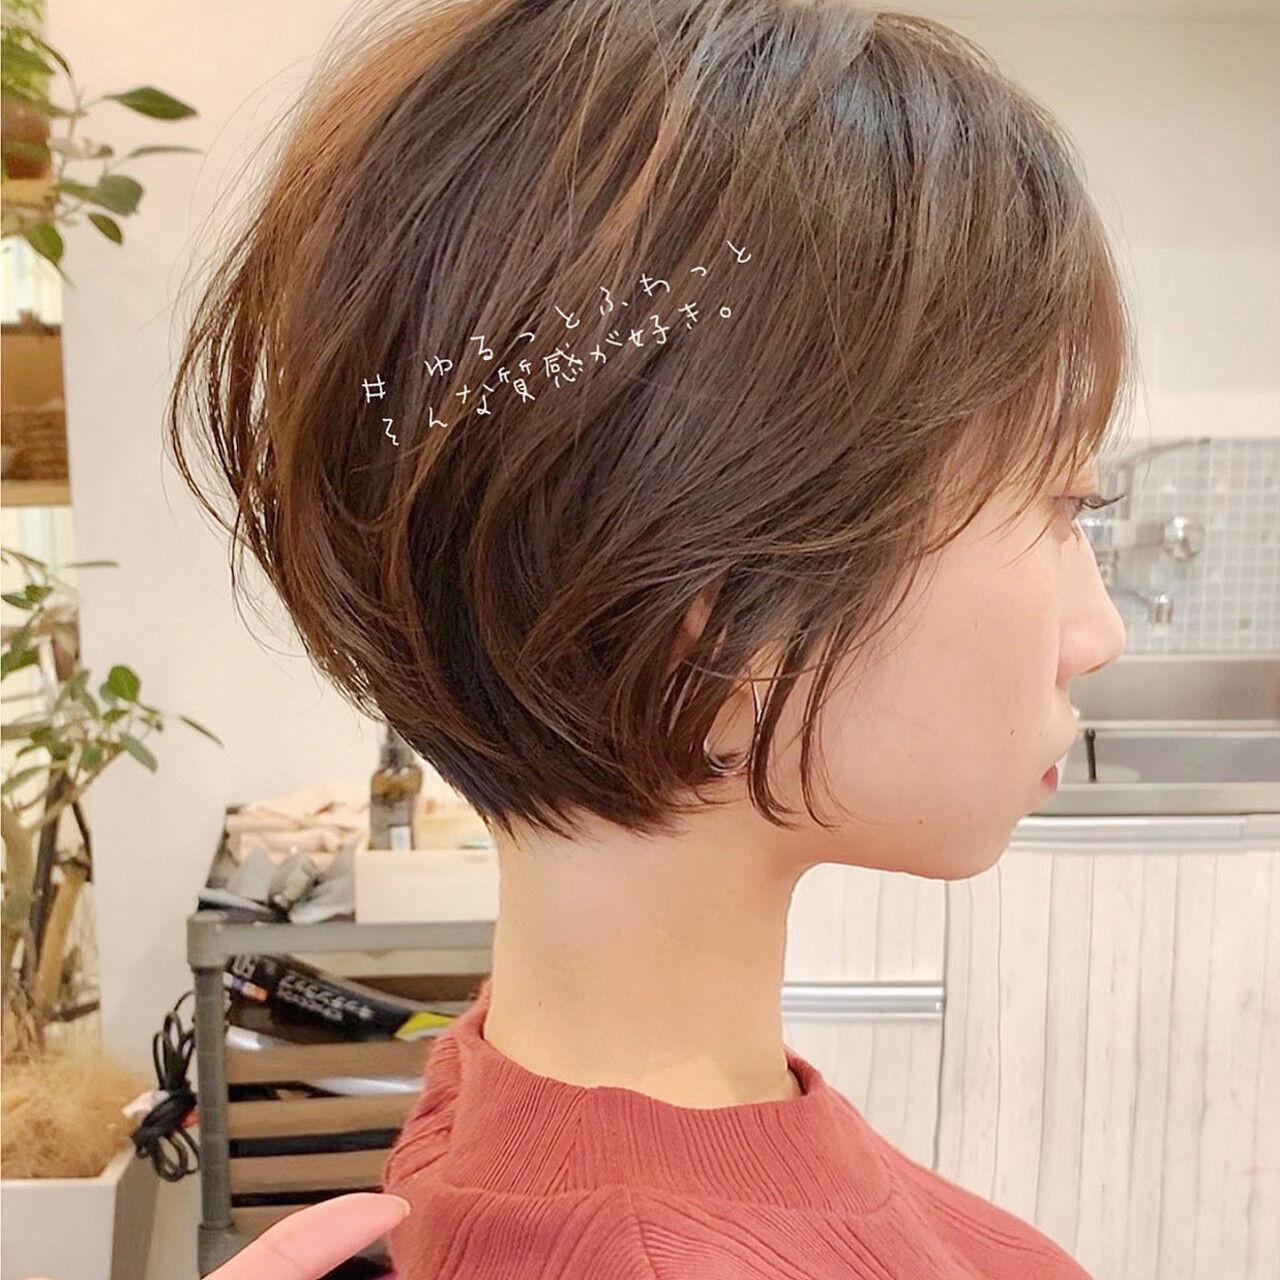 ミニボブ ナチュラル ショートヘア ベリーショートヘアスタイルや髪型の写真・画像